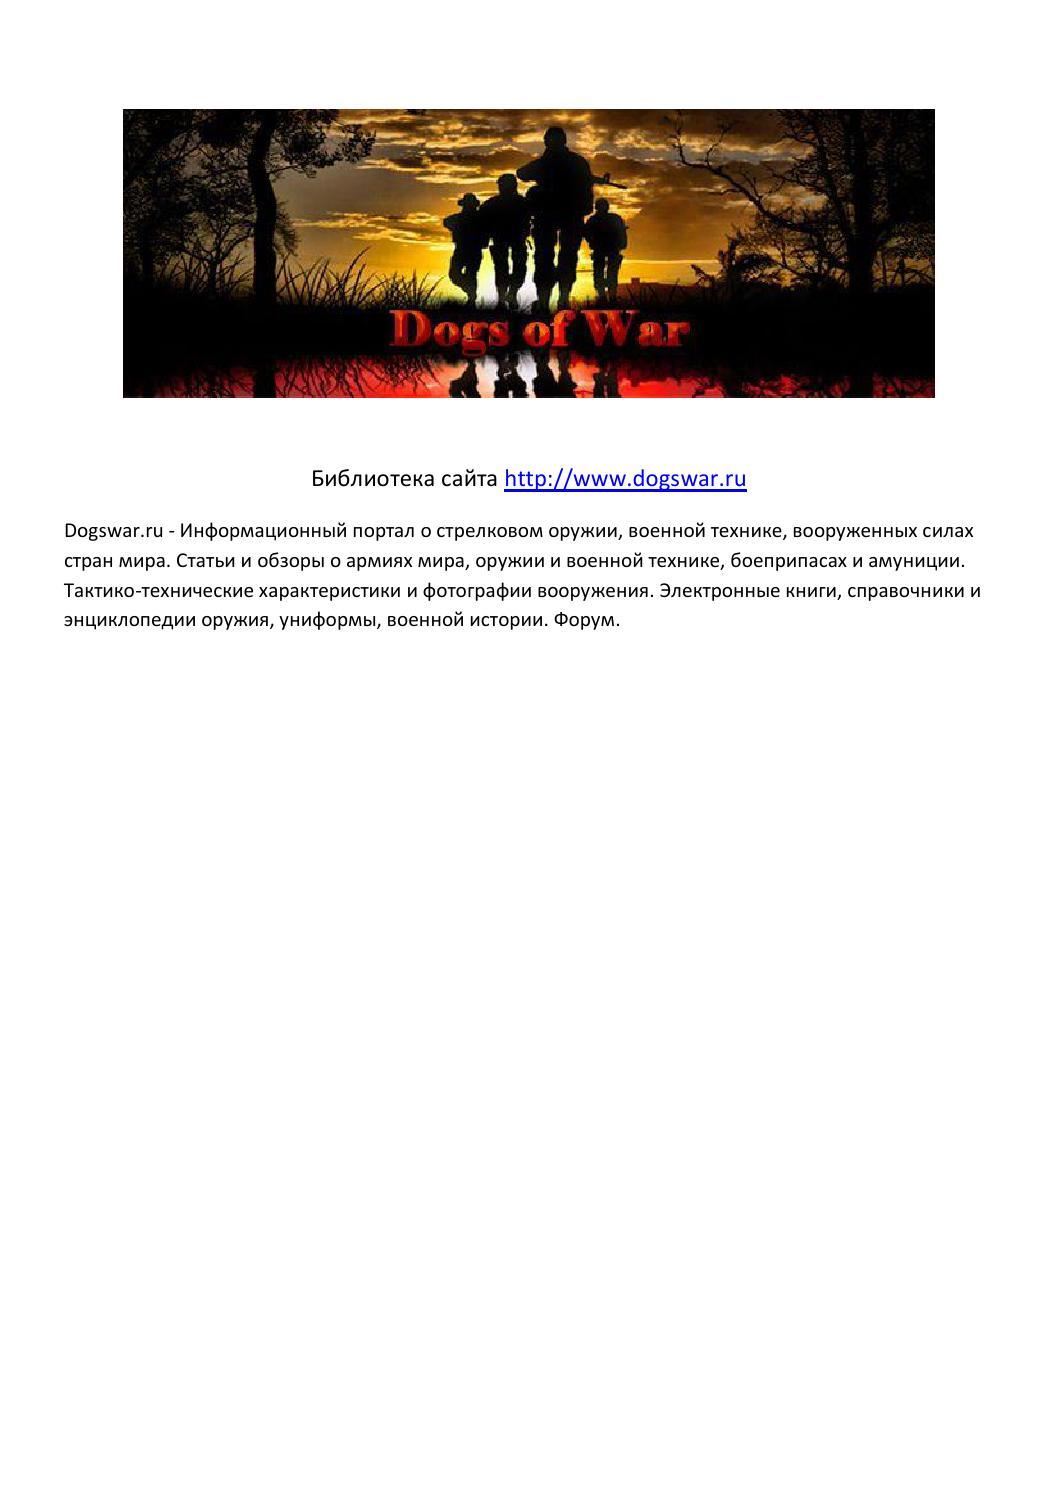 zhopa-anal-rastyanuli-bolshoy-predmet-vaza-myach-ochko-krupniy-plan-foto